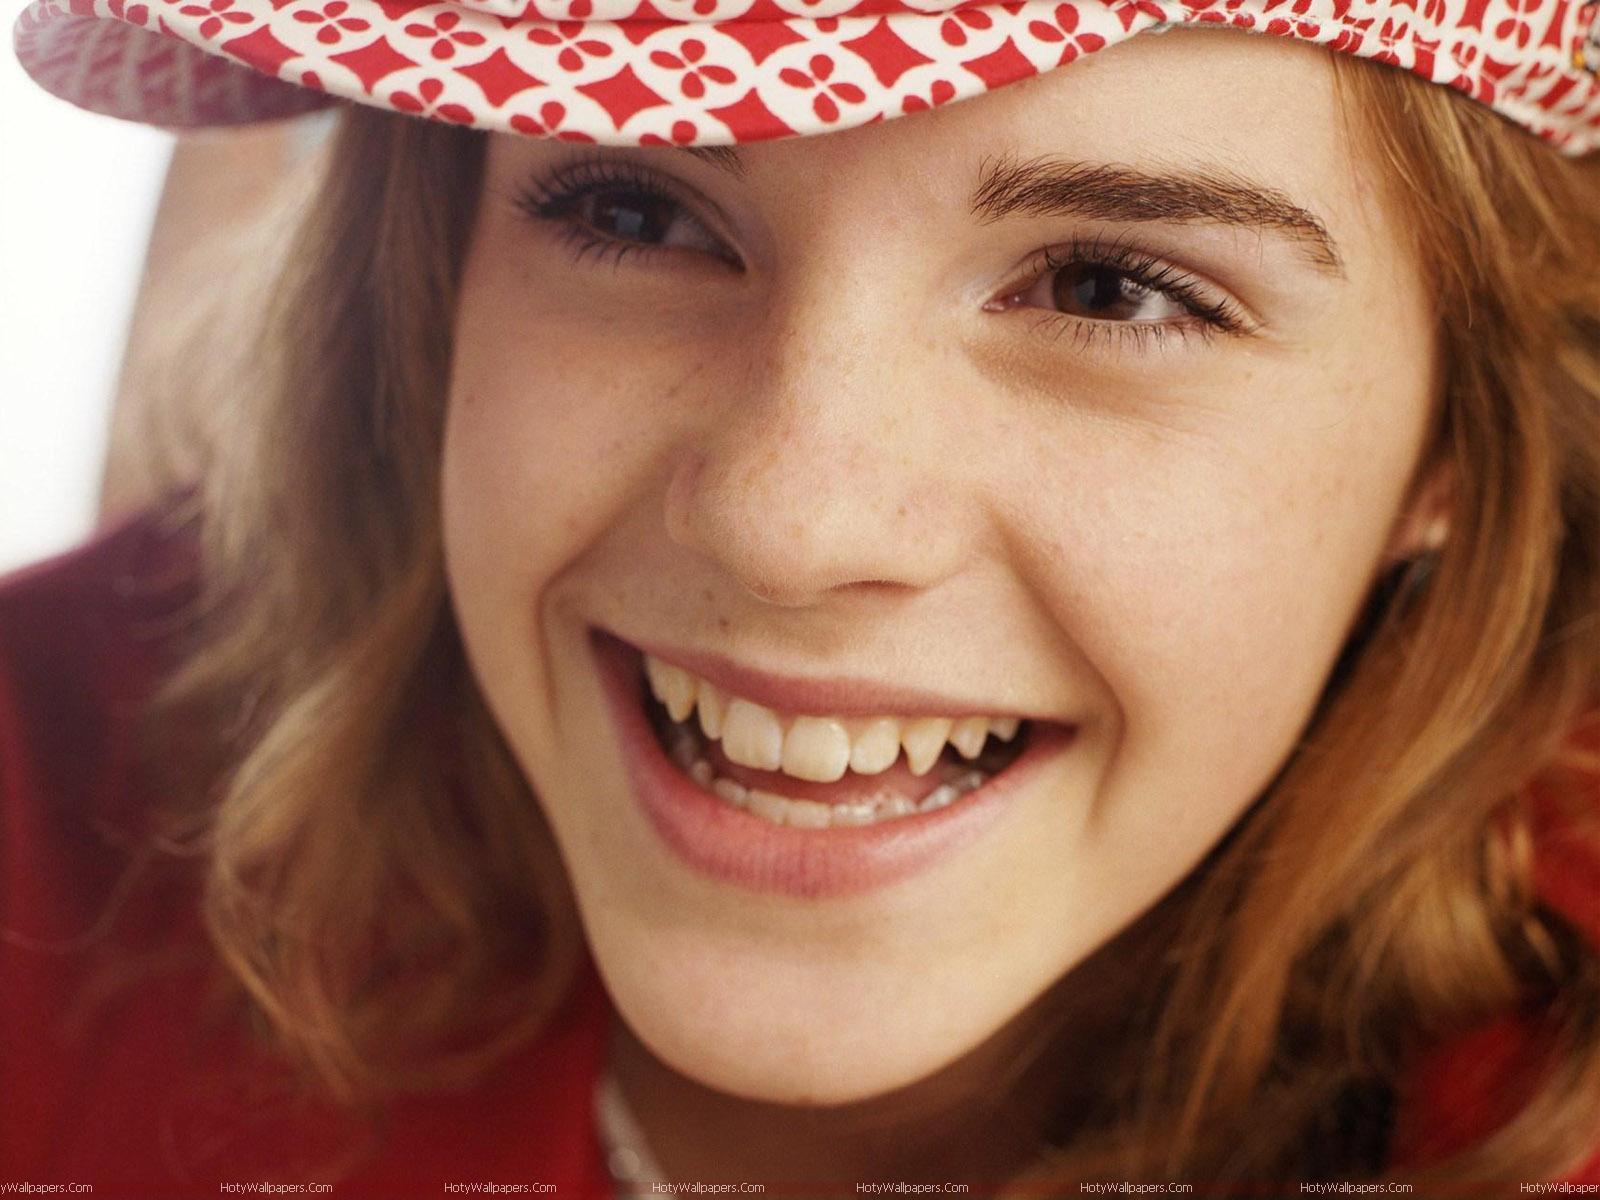 http://2.bp.blogspot.com/-ZRPKsc6NR6Q/TlYREPodNAI/AAAAAAAAJpQ/llMPVD626Bo/s1600/Emma_Watson_actress.jpg